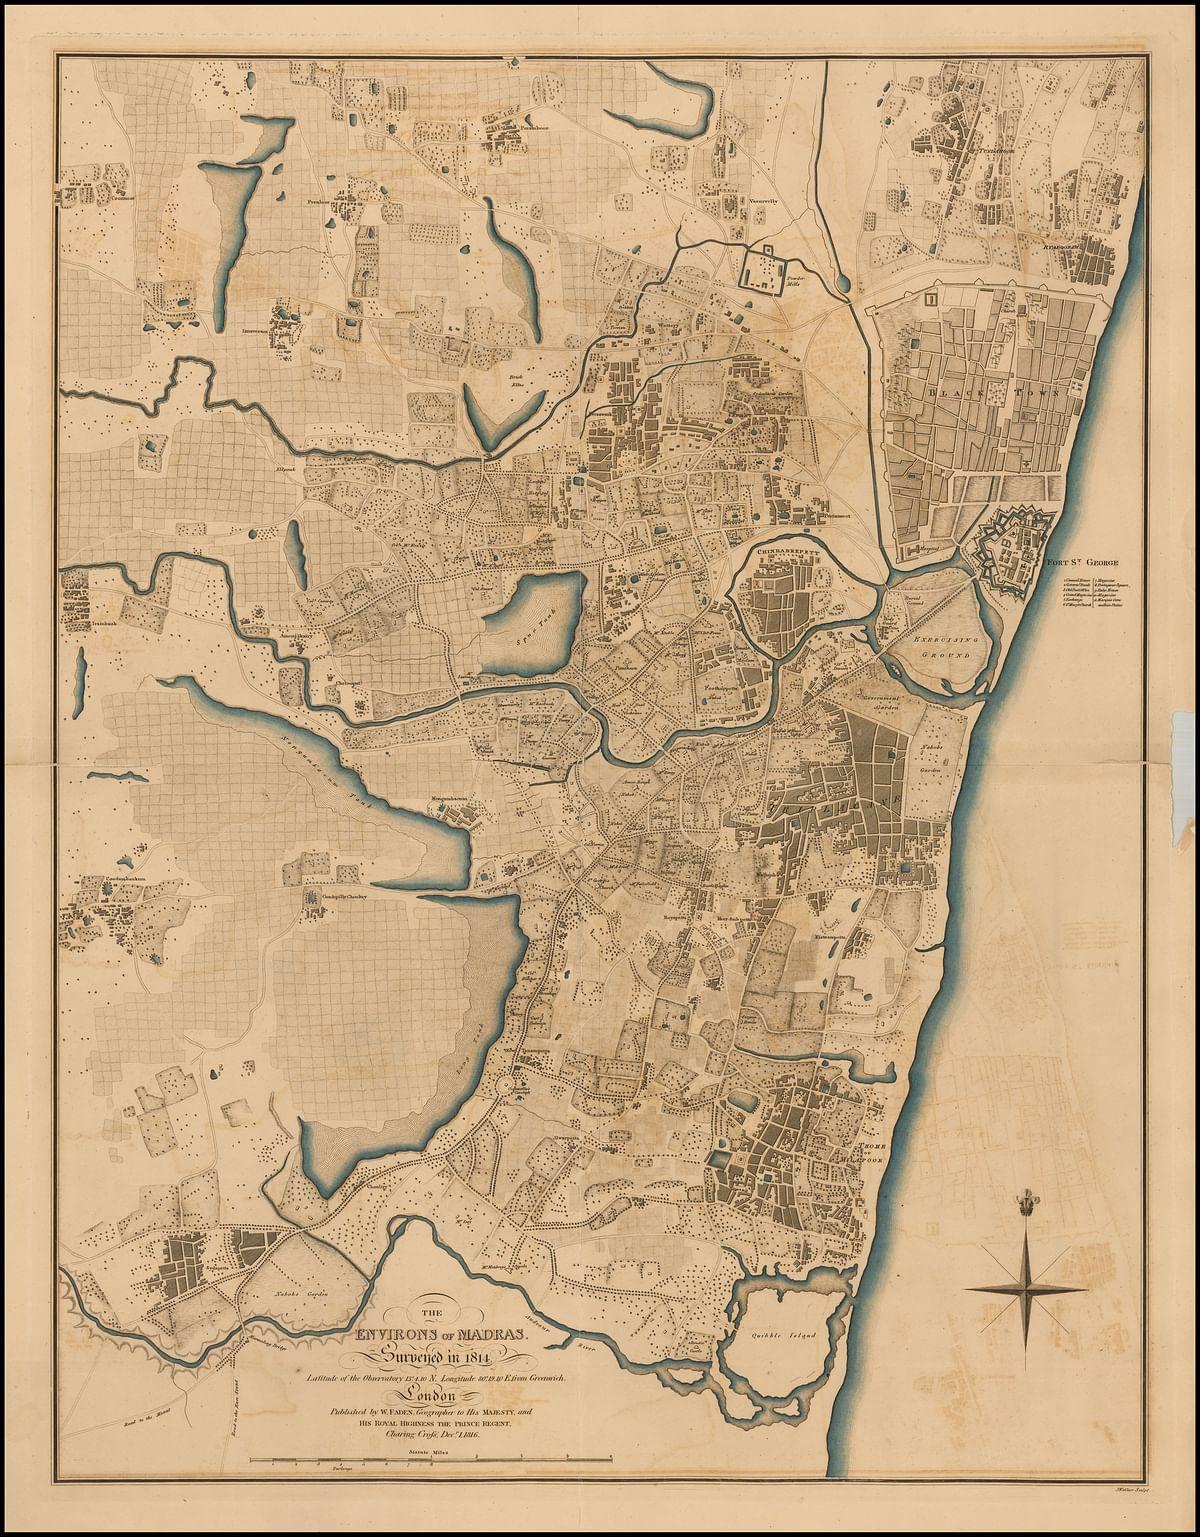 மெட்ராஸ் மாநகரம்